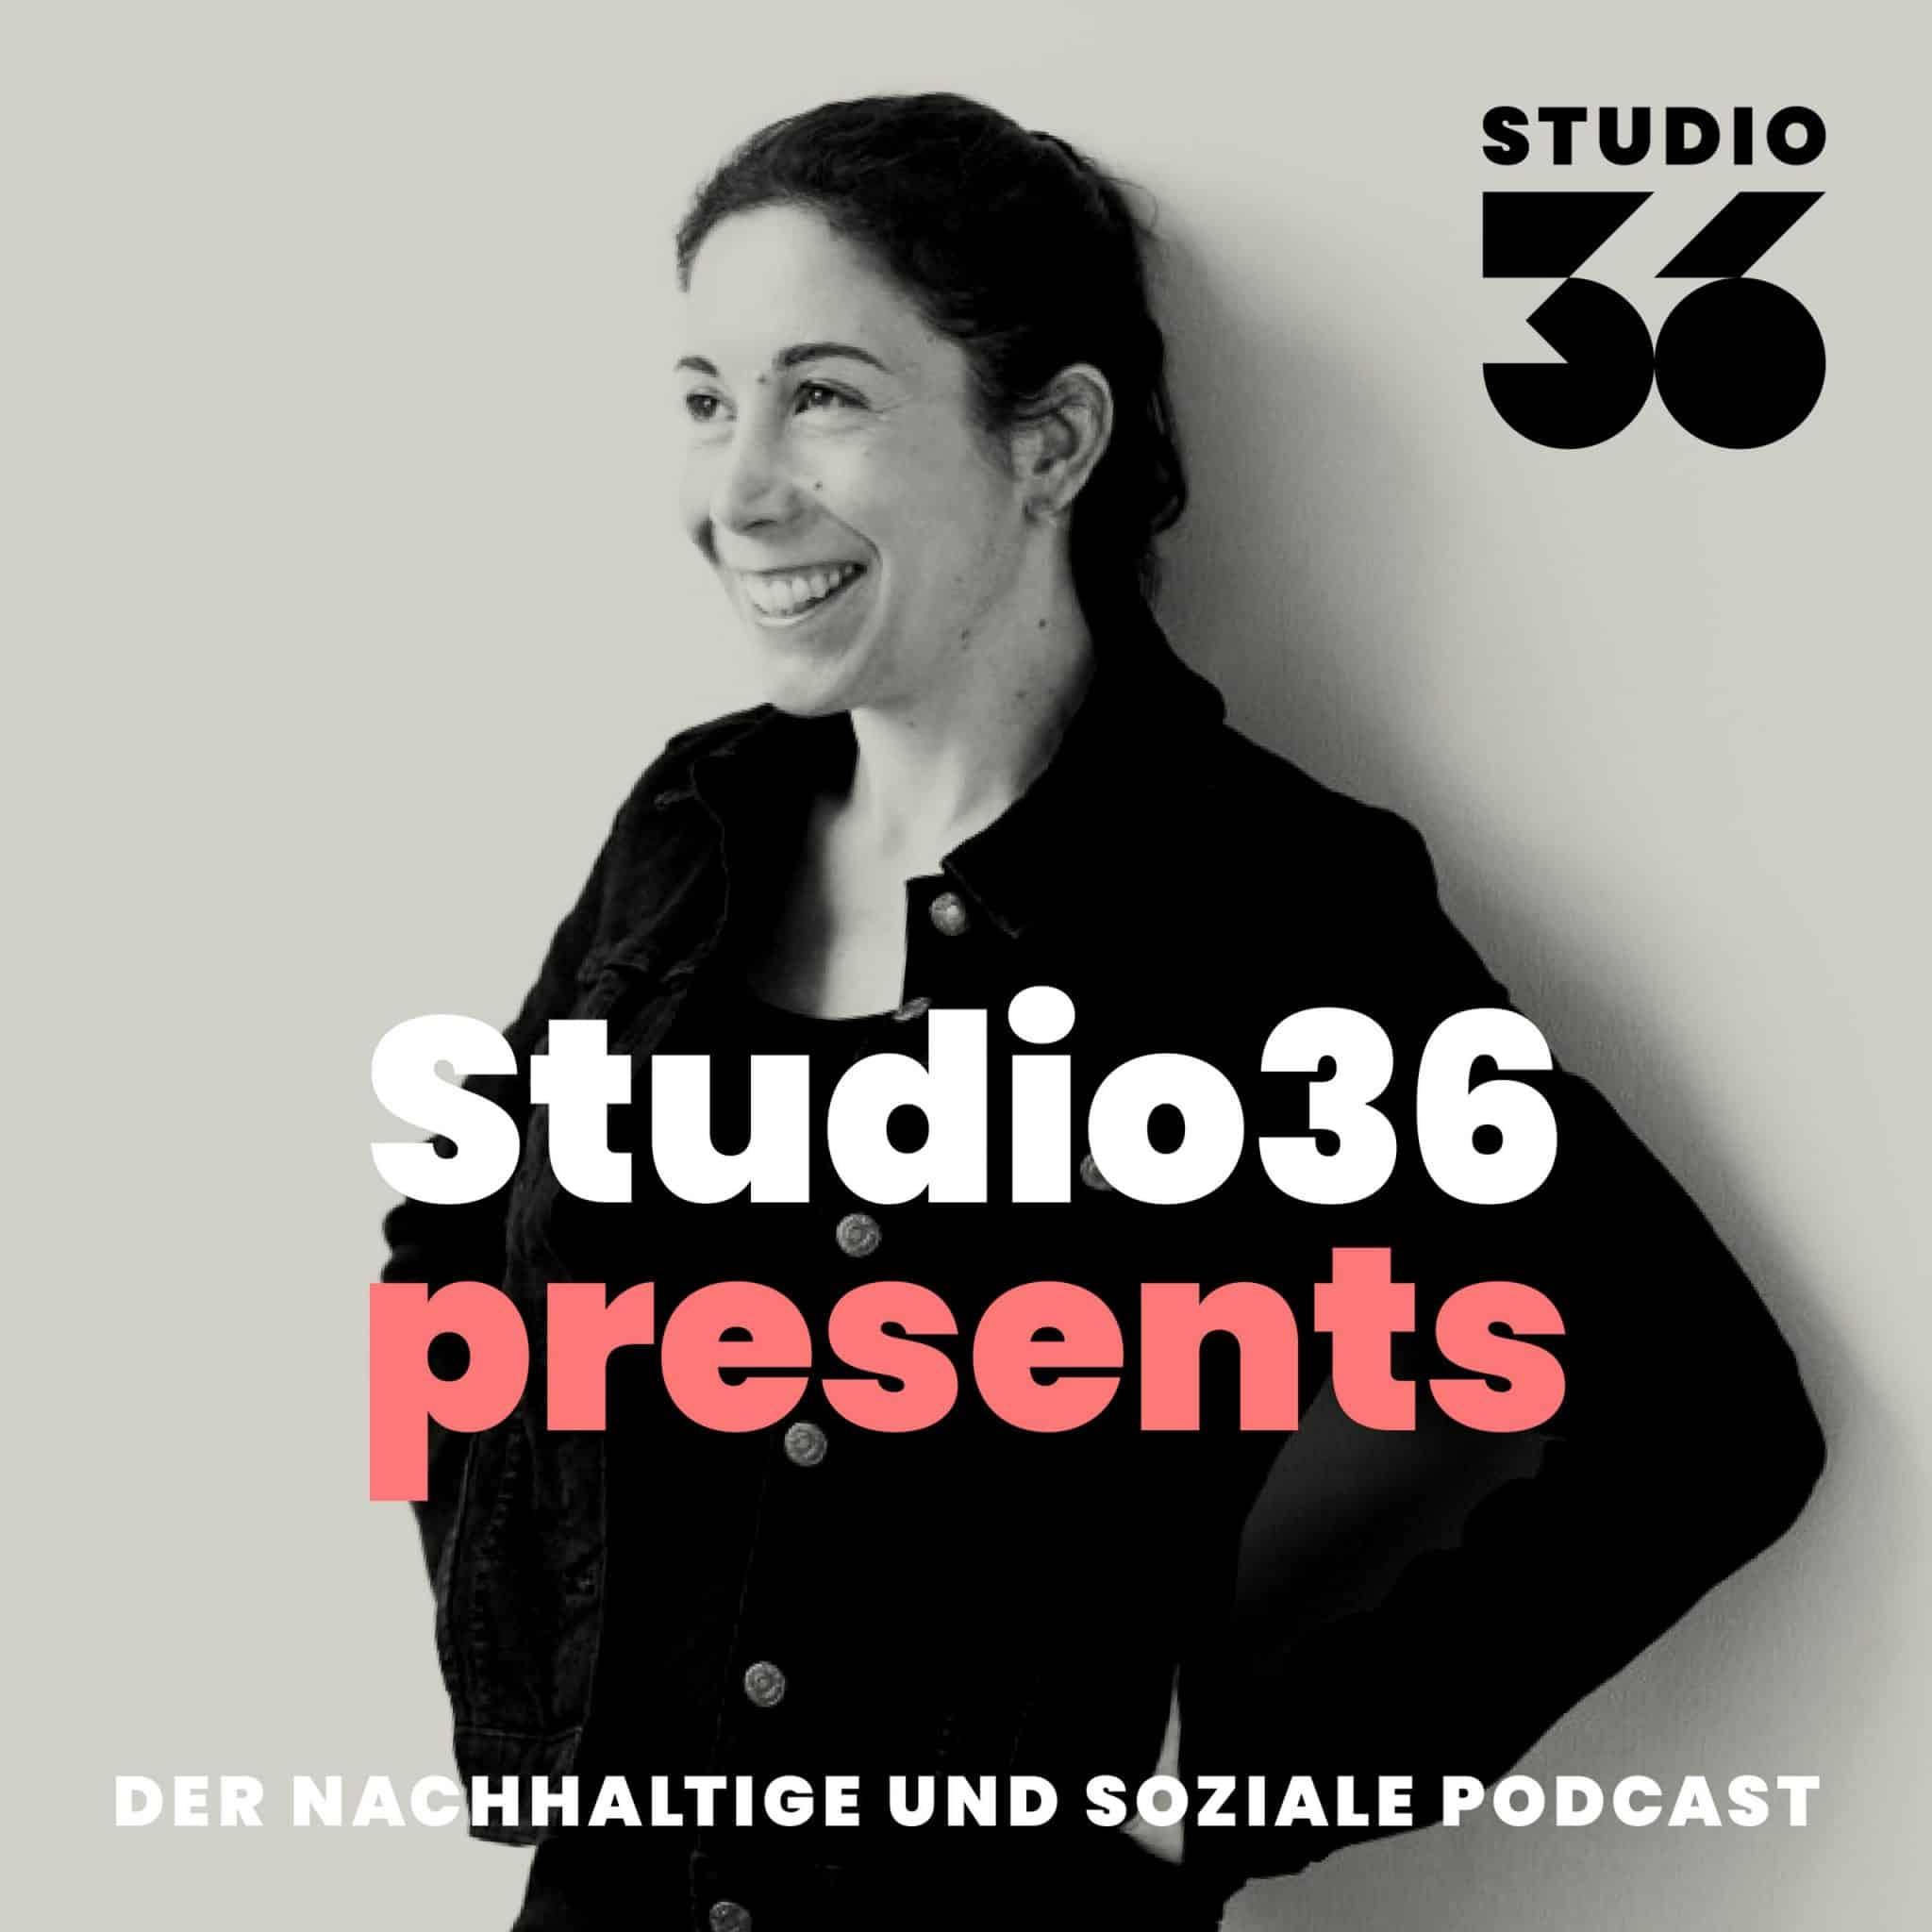 Studio36 presents